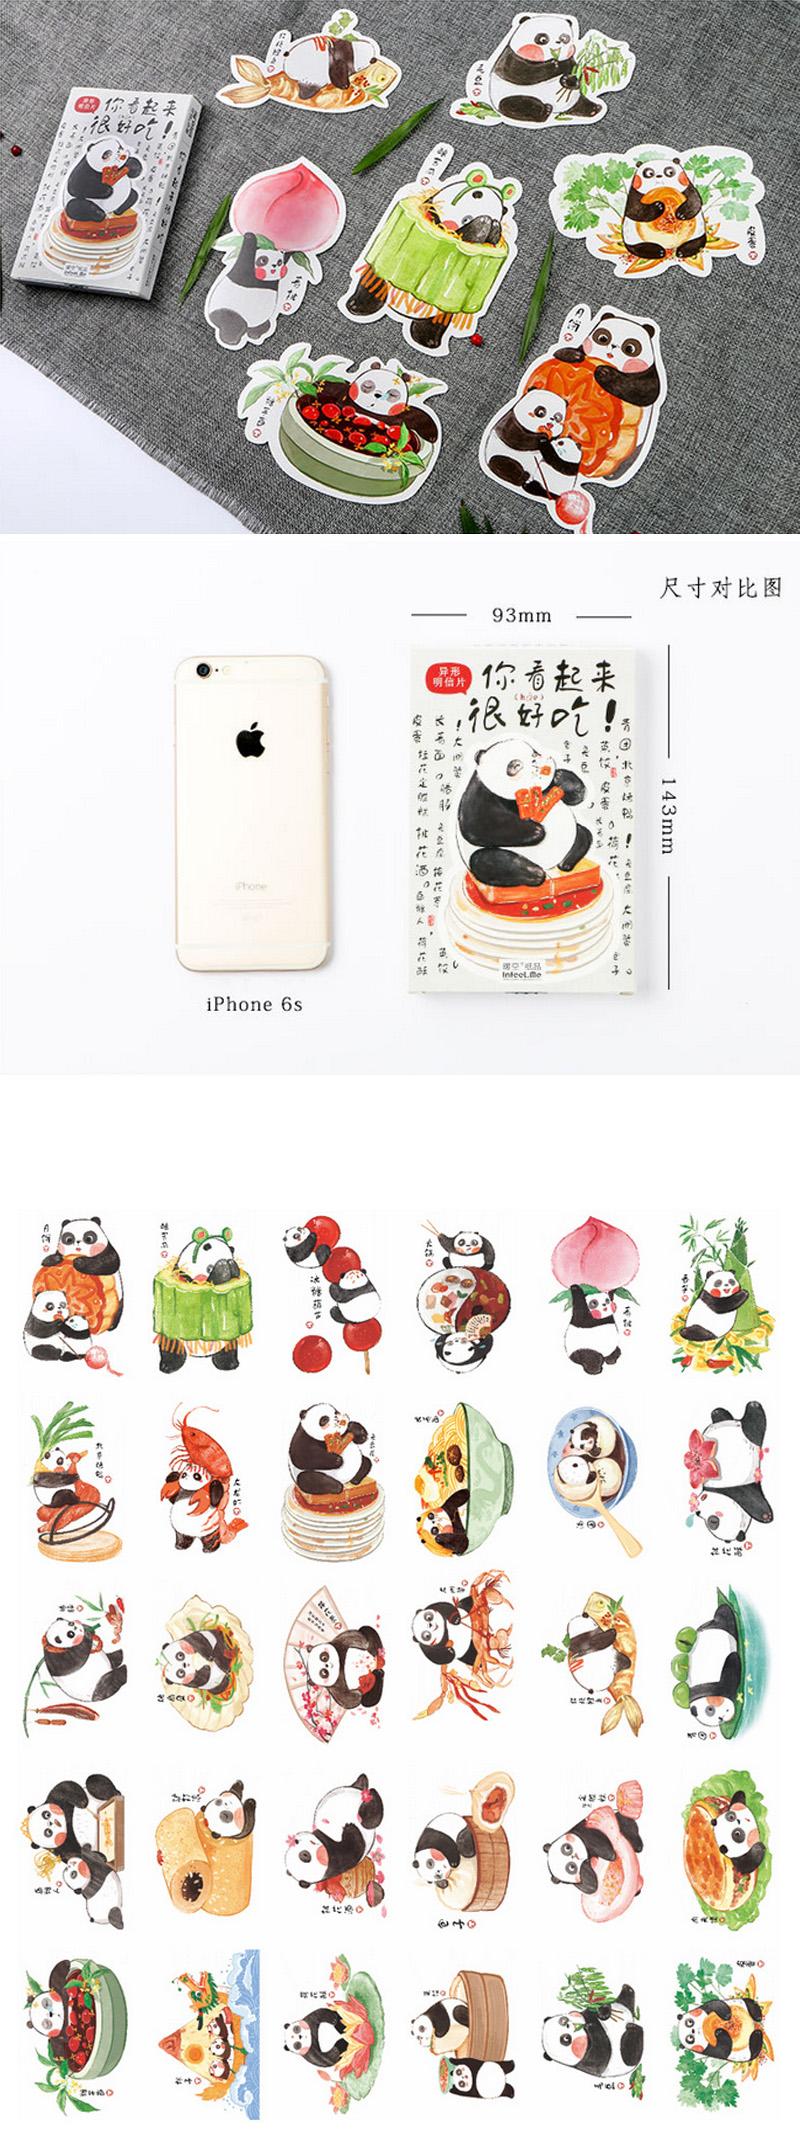 US $3 84 OFF 30 Pcs pack Baru Heteronomous Languages Lucu Panda Hewan Kartu Ucapan Kartu Pos Ulang Tahun Amplop Hadiah Set Kartu Kartu Pesan di